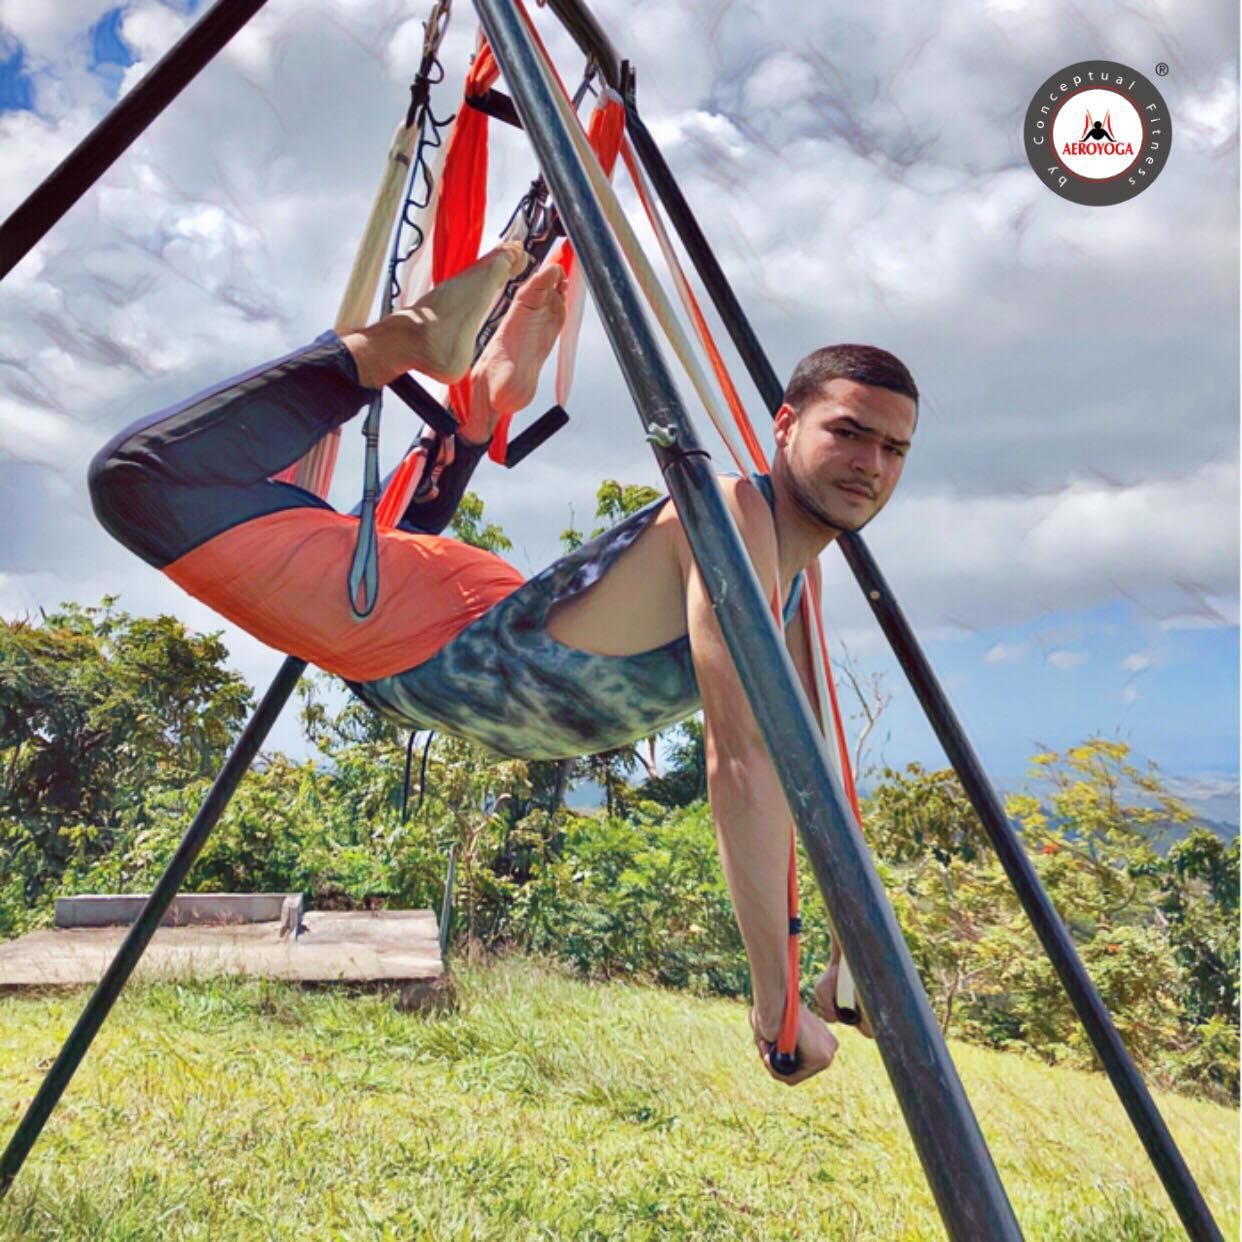 Yoga Aéreo: Nueva Experiencia Aérea AeroYoga ® en Casa Ceiba, Puerto Rico